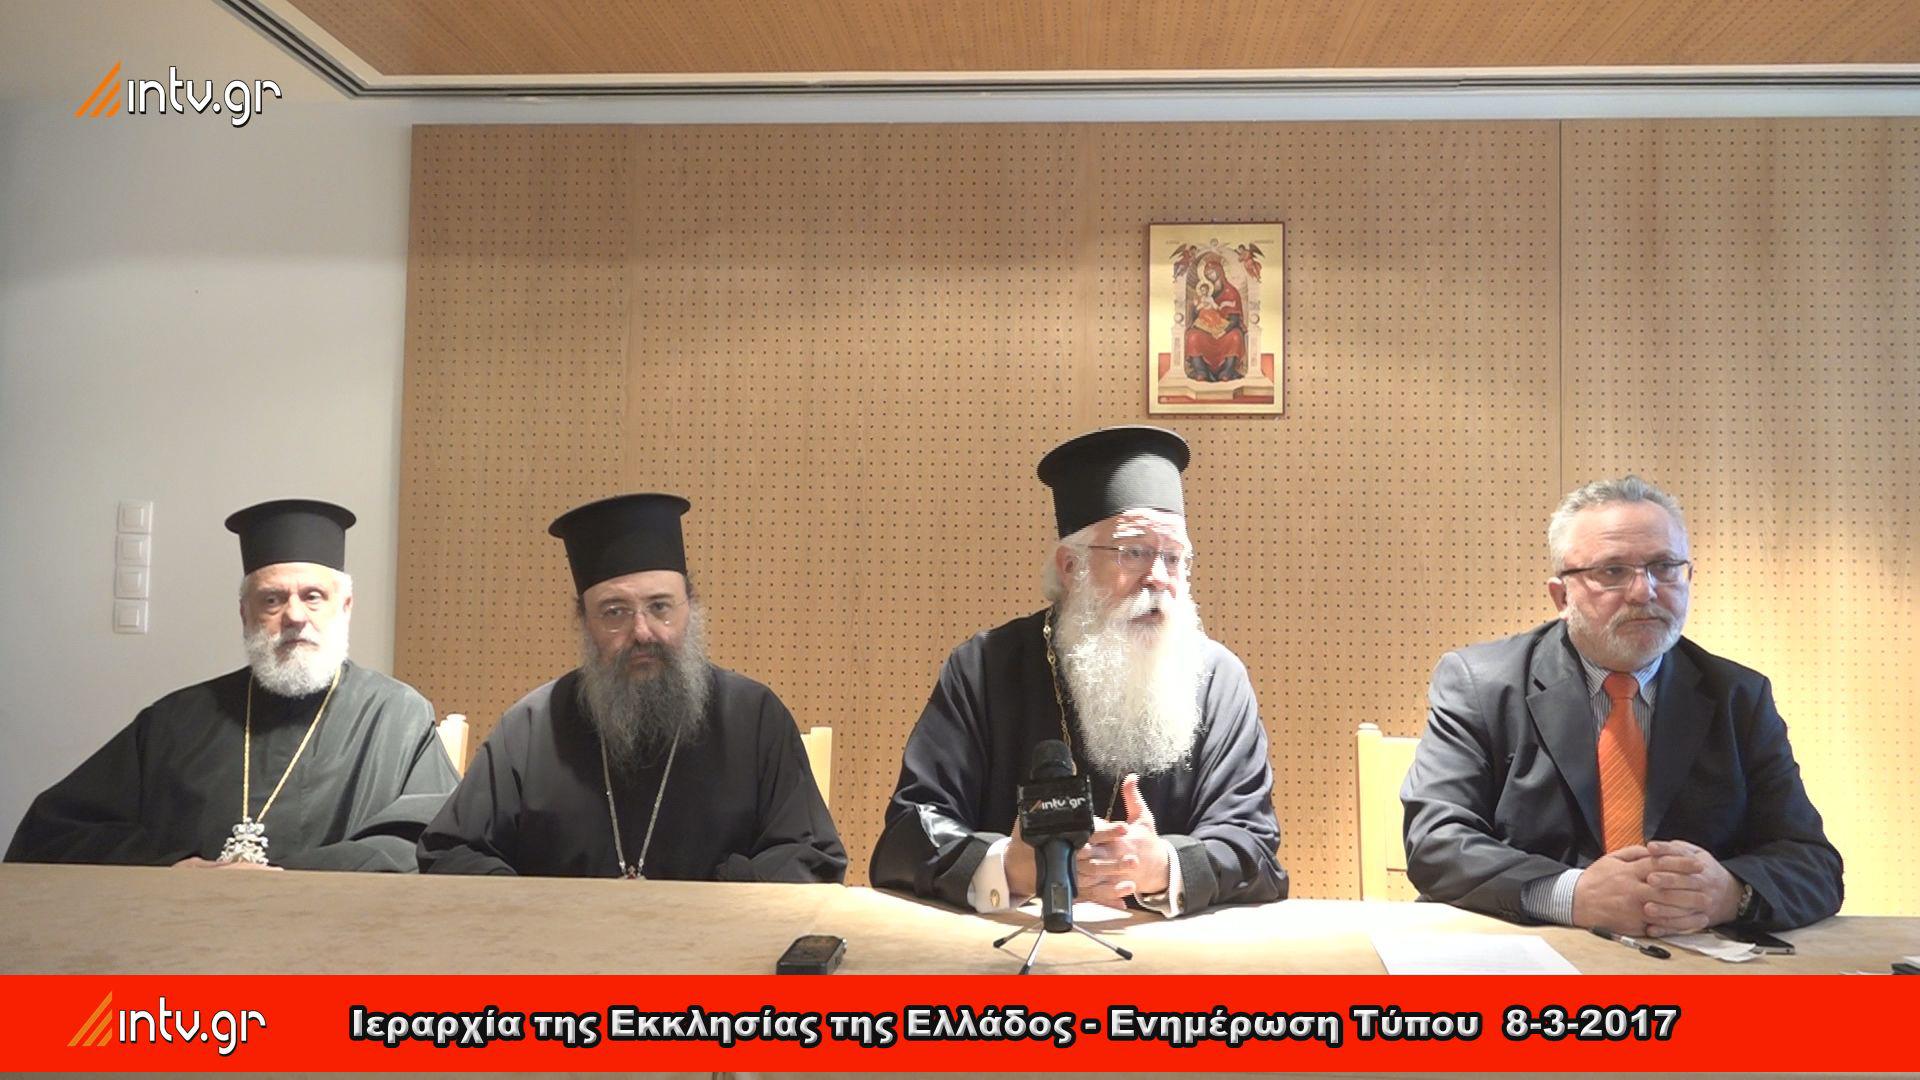 Ιεραρχία της Εκκλησίας της Ελλάδος - Ενημέρωση Τύπου  8-3-2017